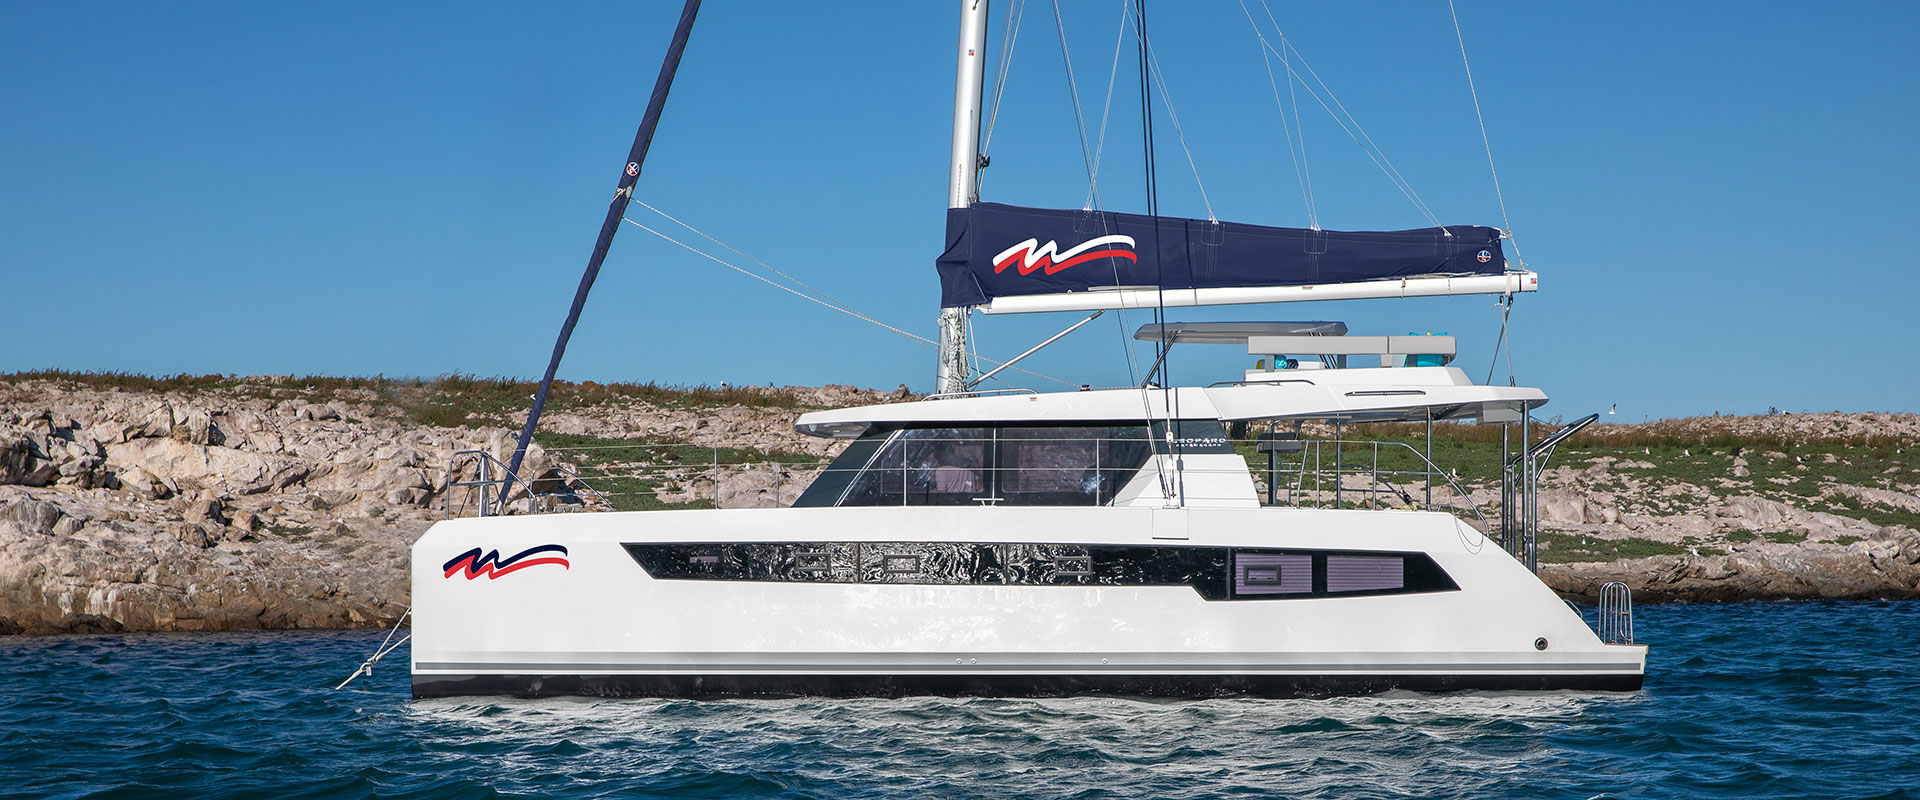 Moorings 4200 catamaran